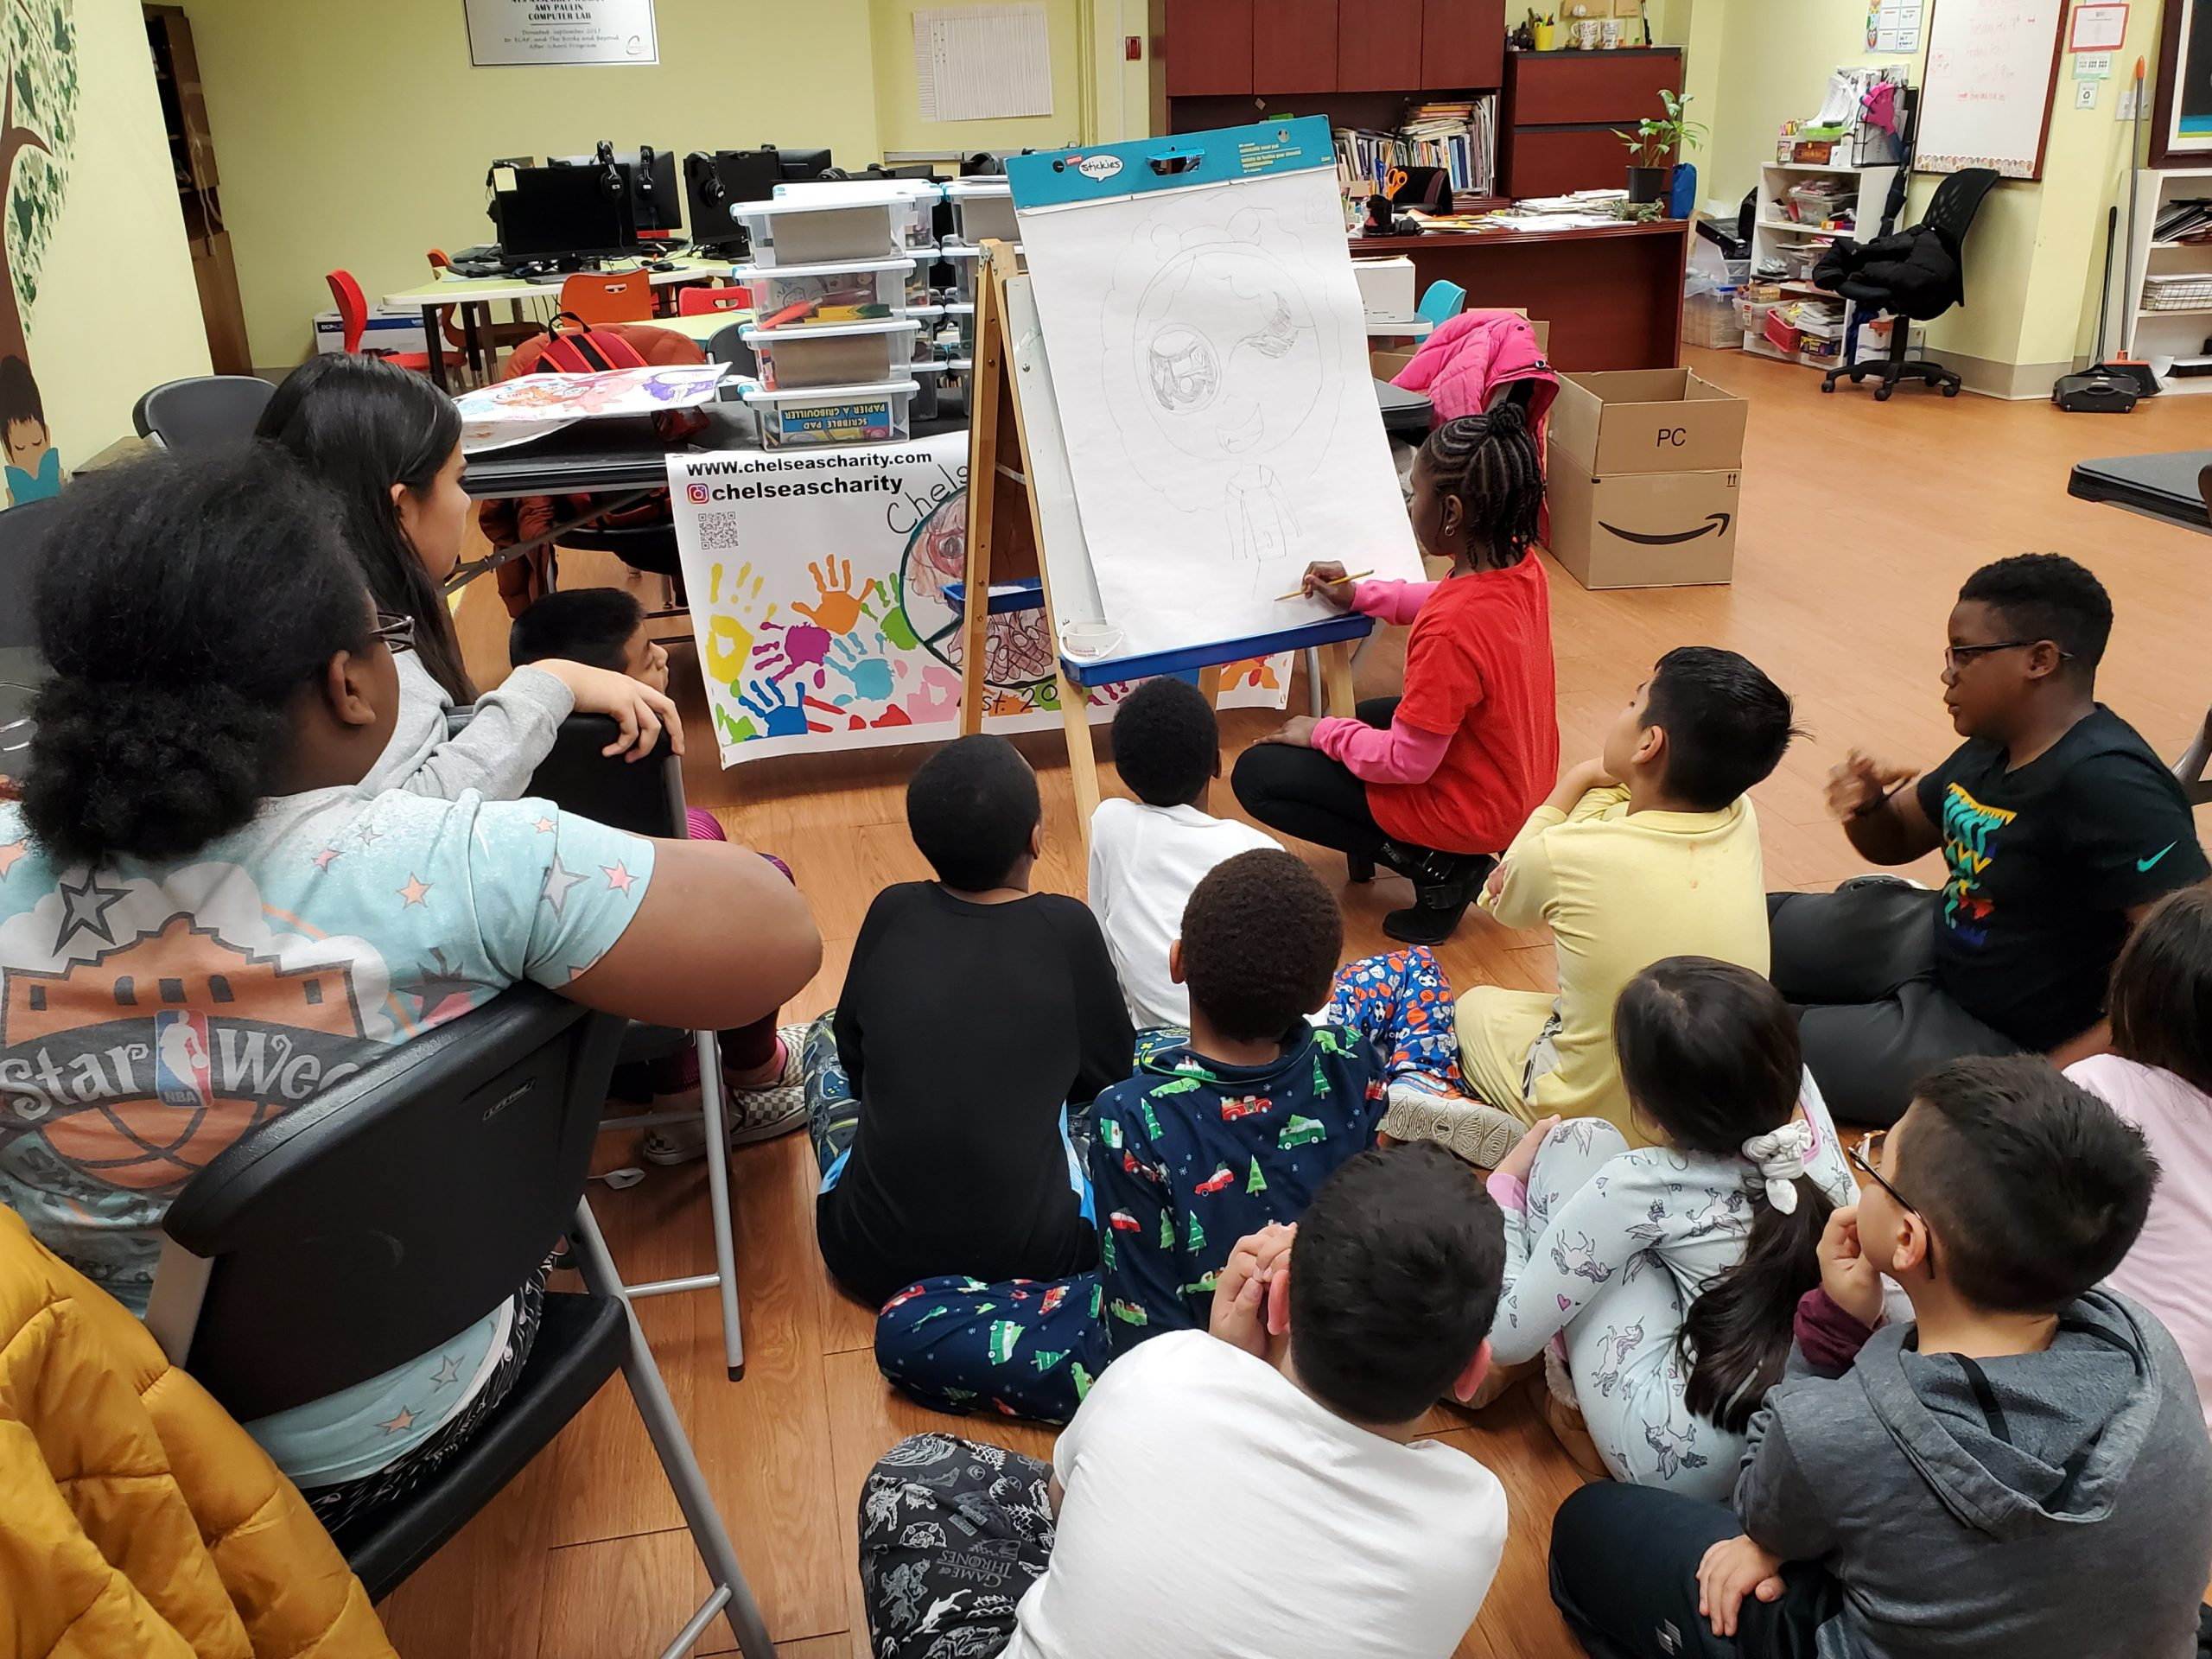 Chelsea teaching art lessons